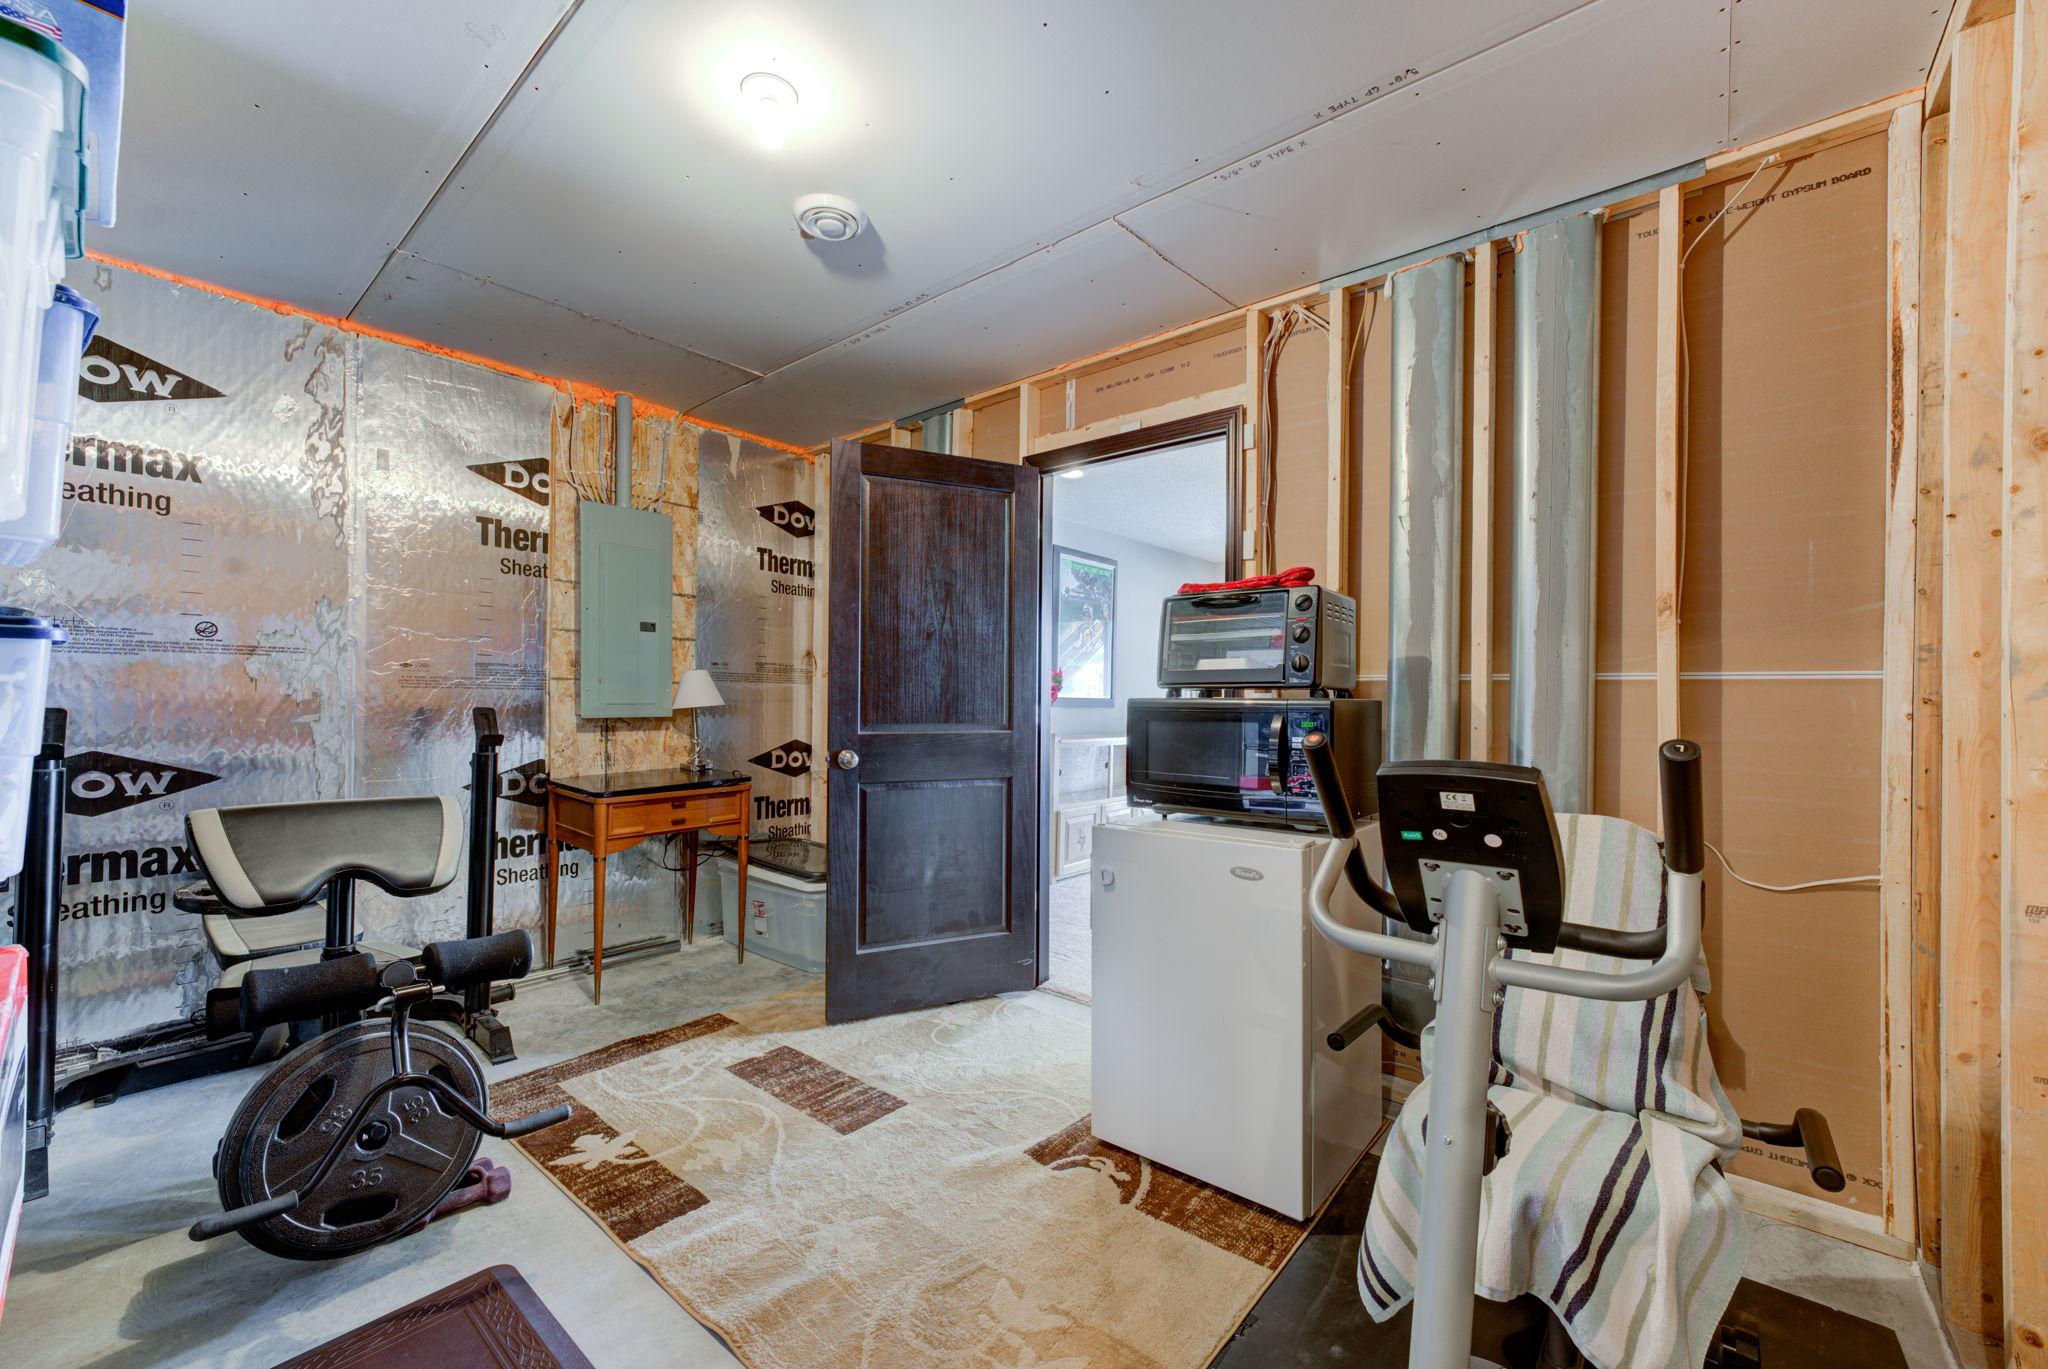 Exercise/Storage Room